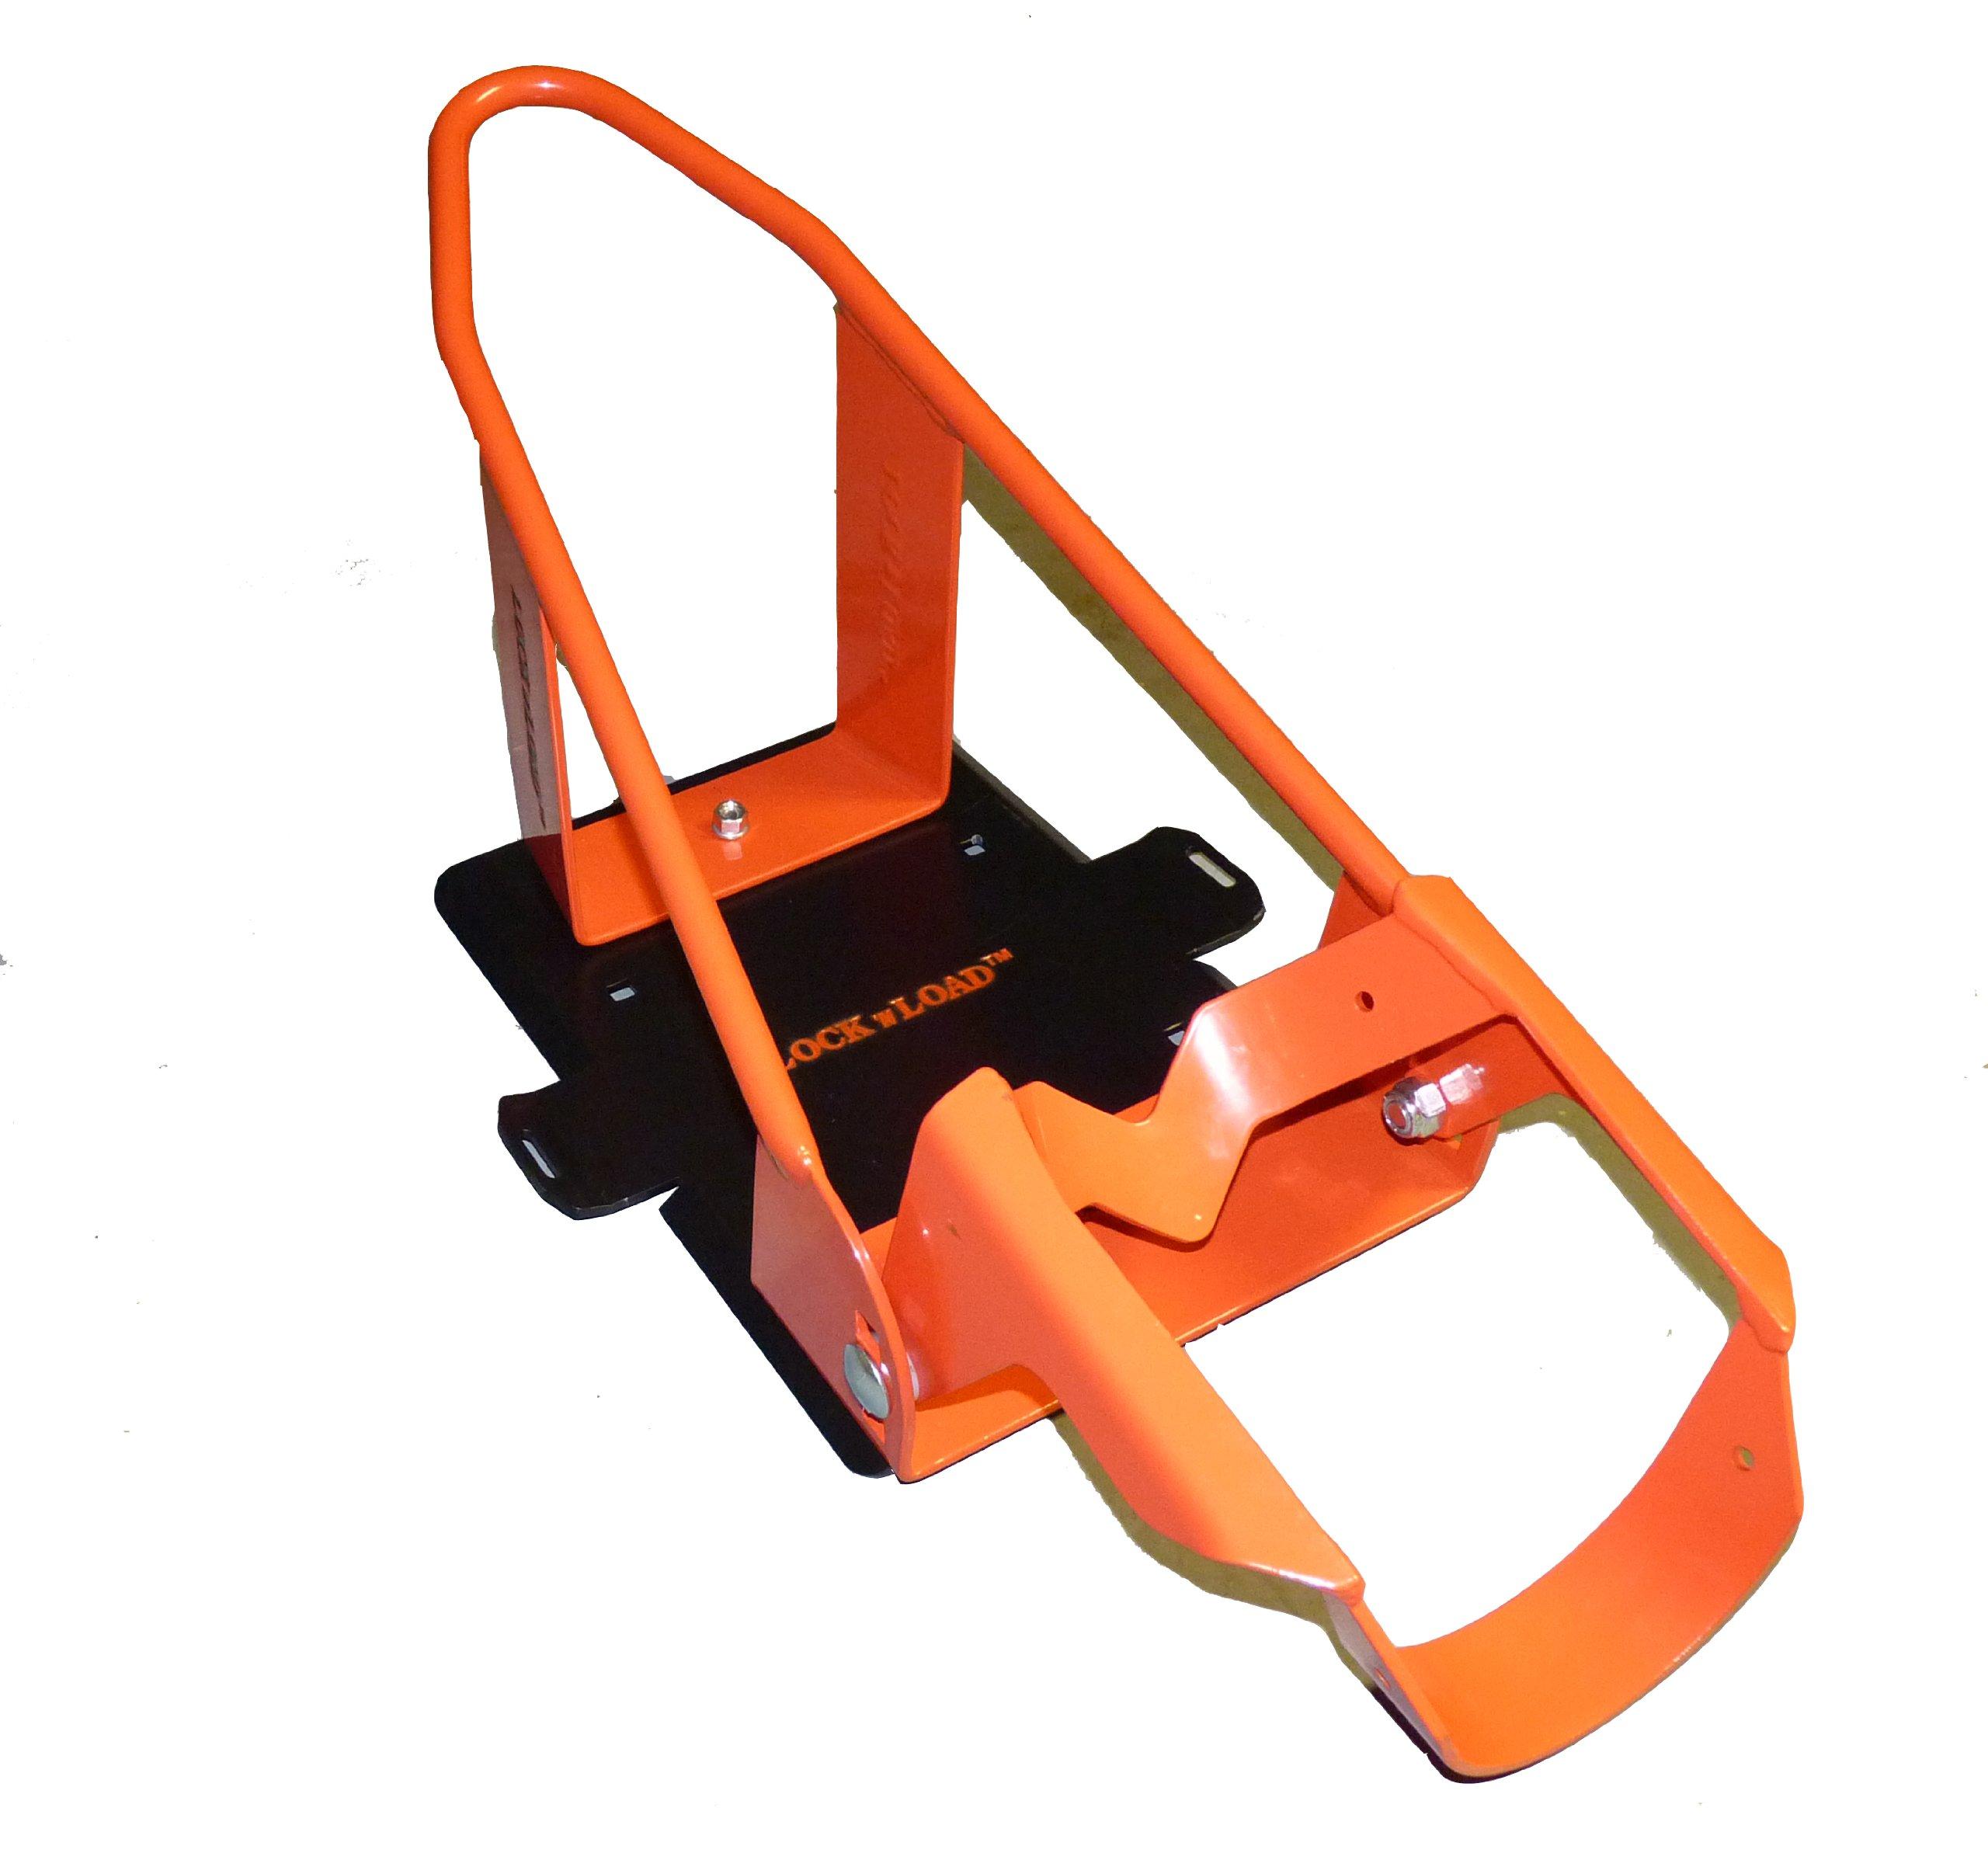 Lock 'N Load (BK100) Orange/Black Deluxe Motorcycle Wheel Chock